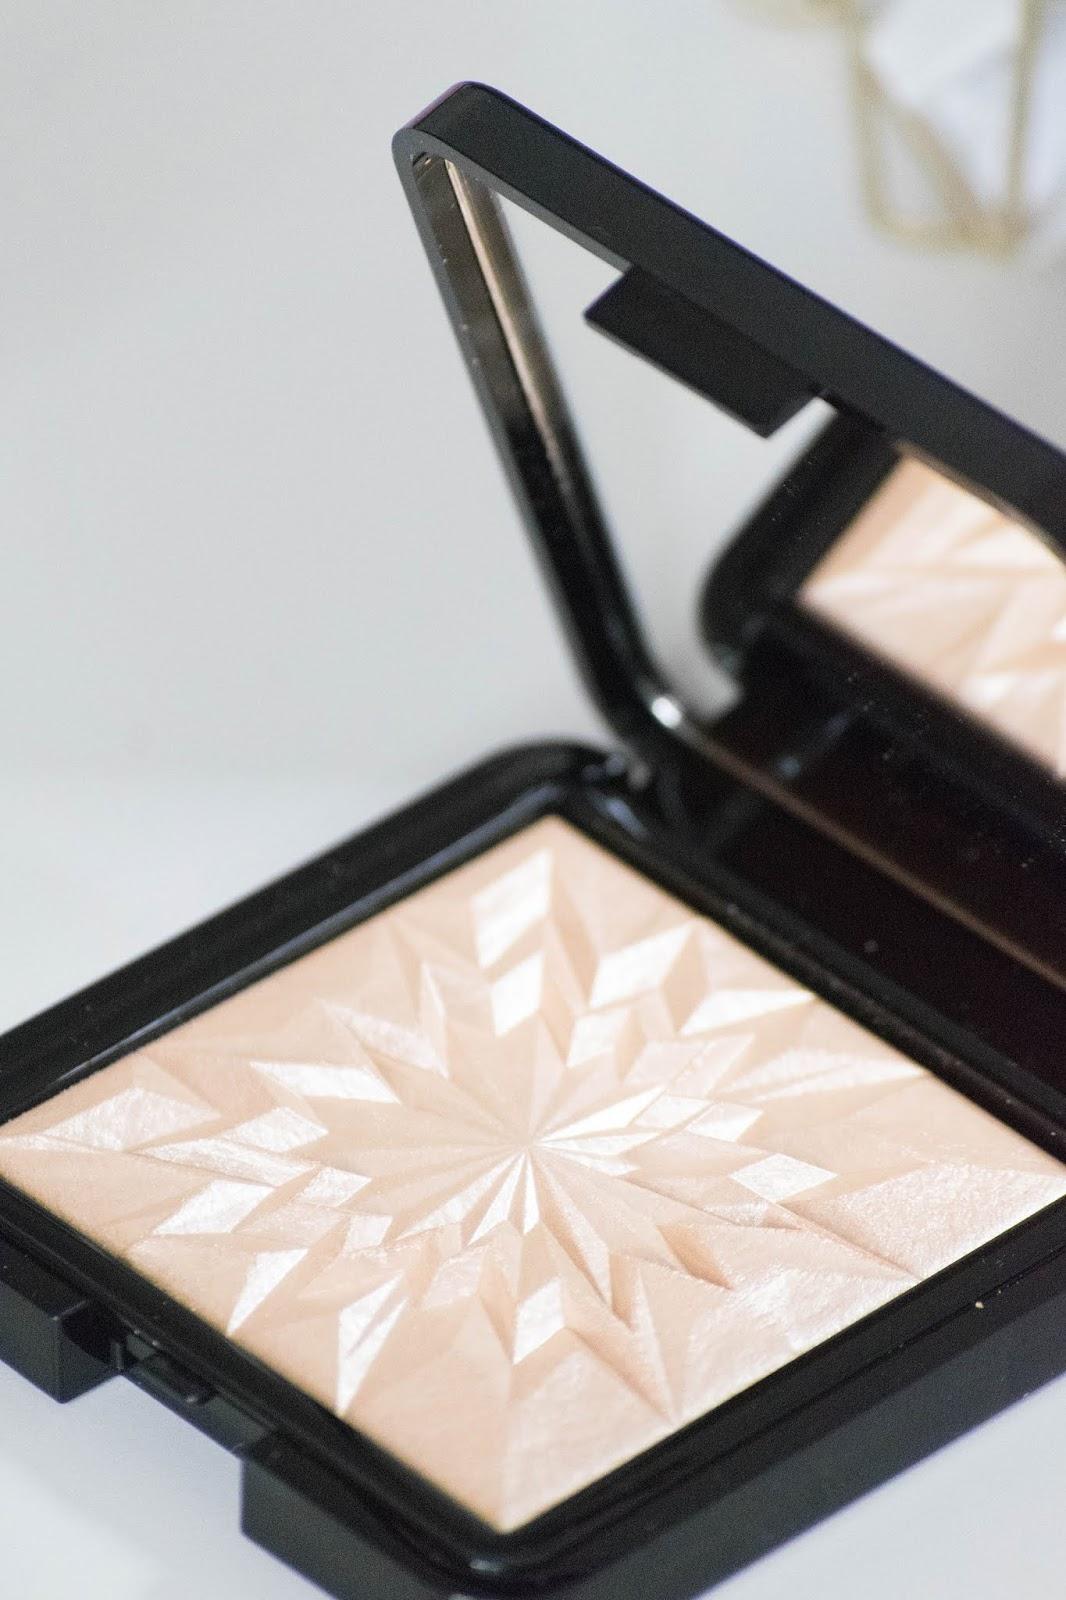 dicas de maquilhagem para uma pele iluminada